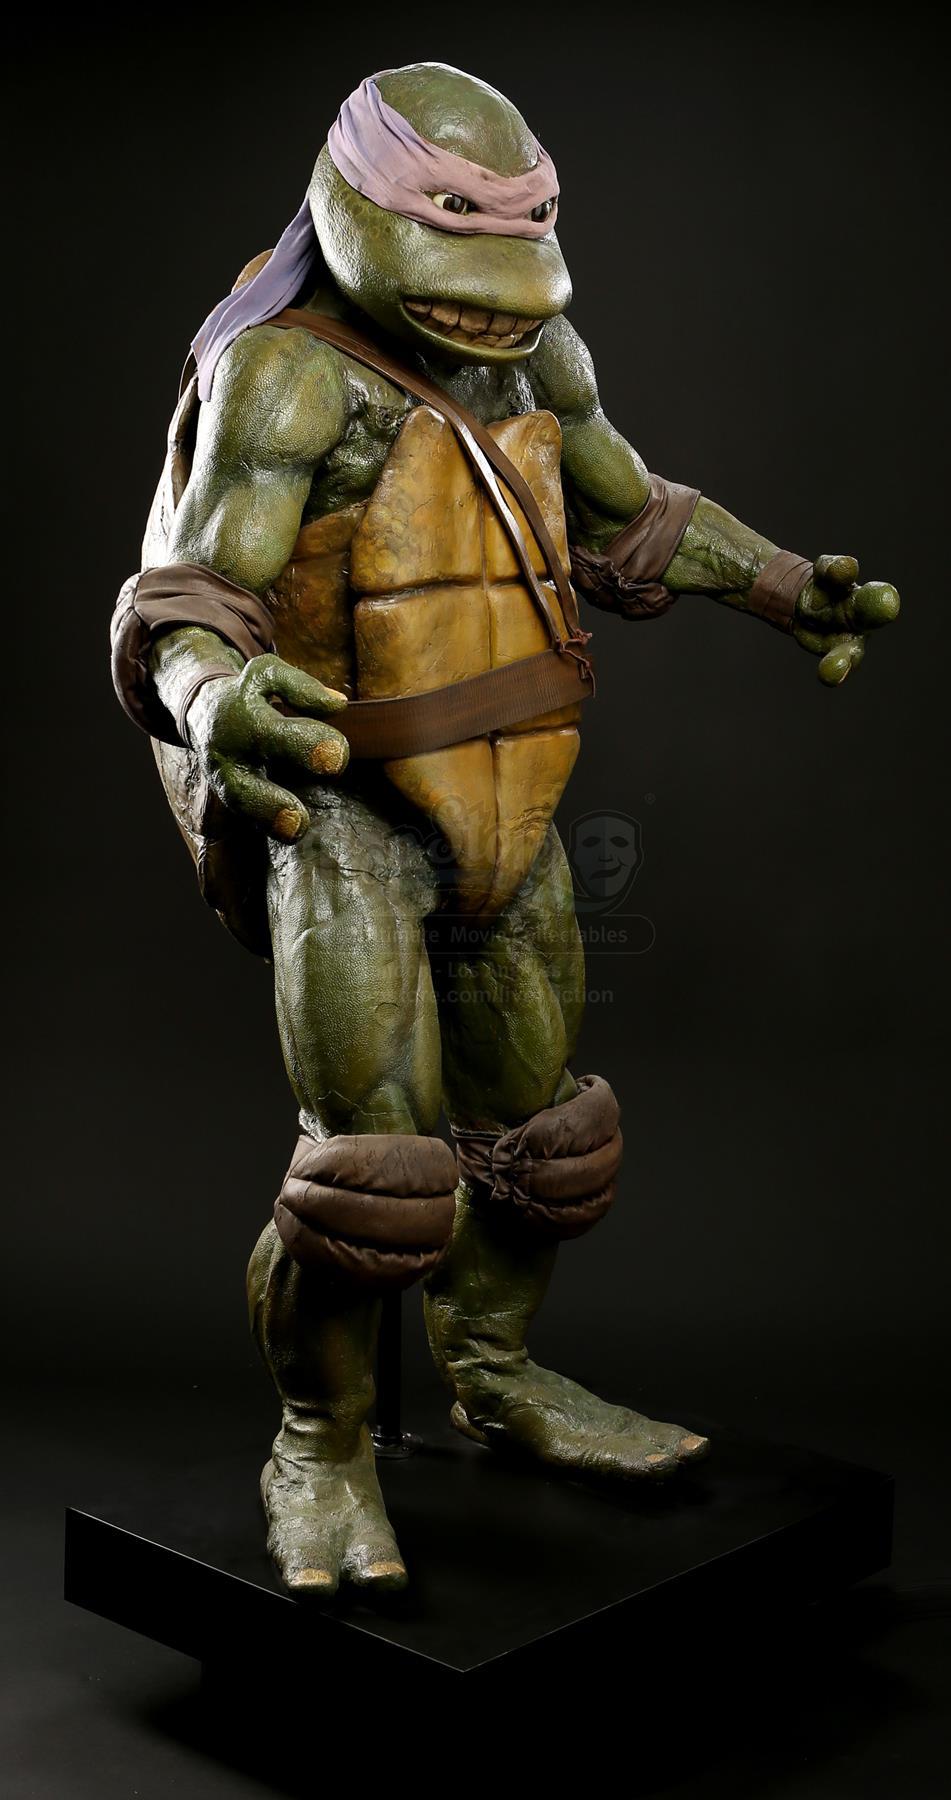 Ninja Turtle Nails: TEENAGE MUTANT NINJA TURTLES (1990)